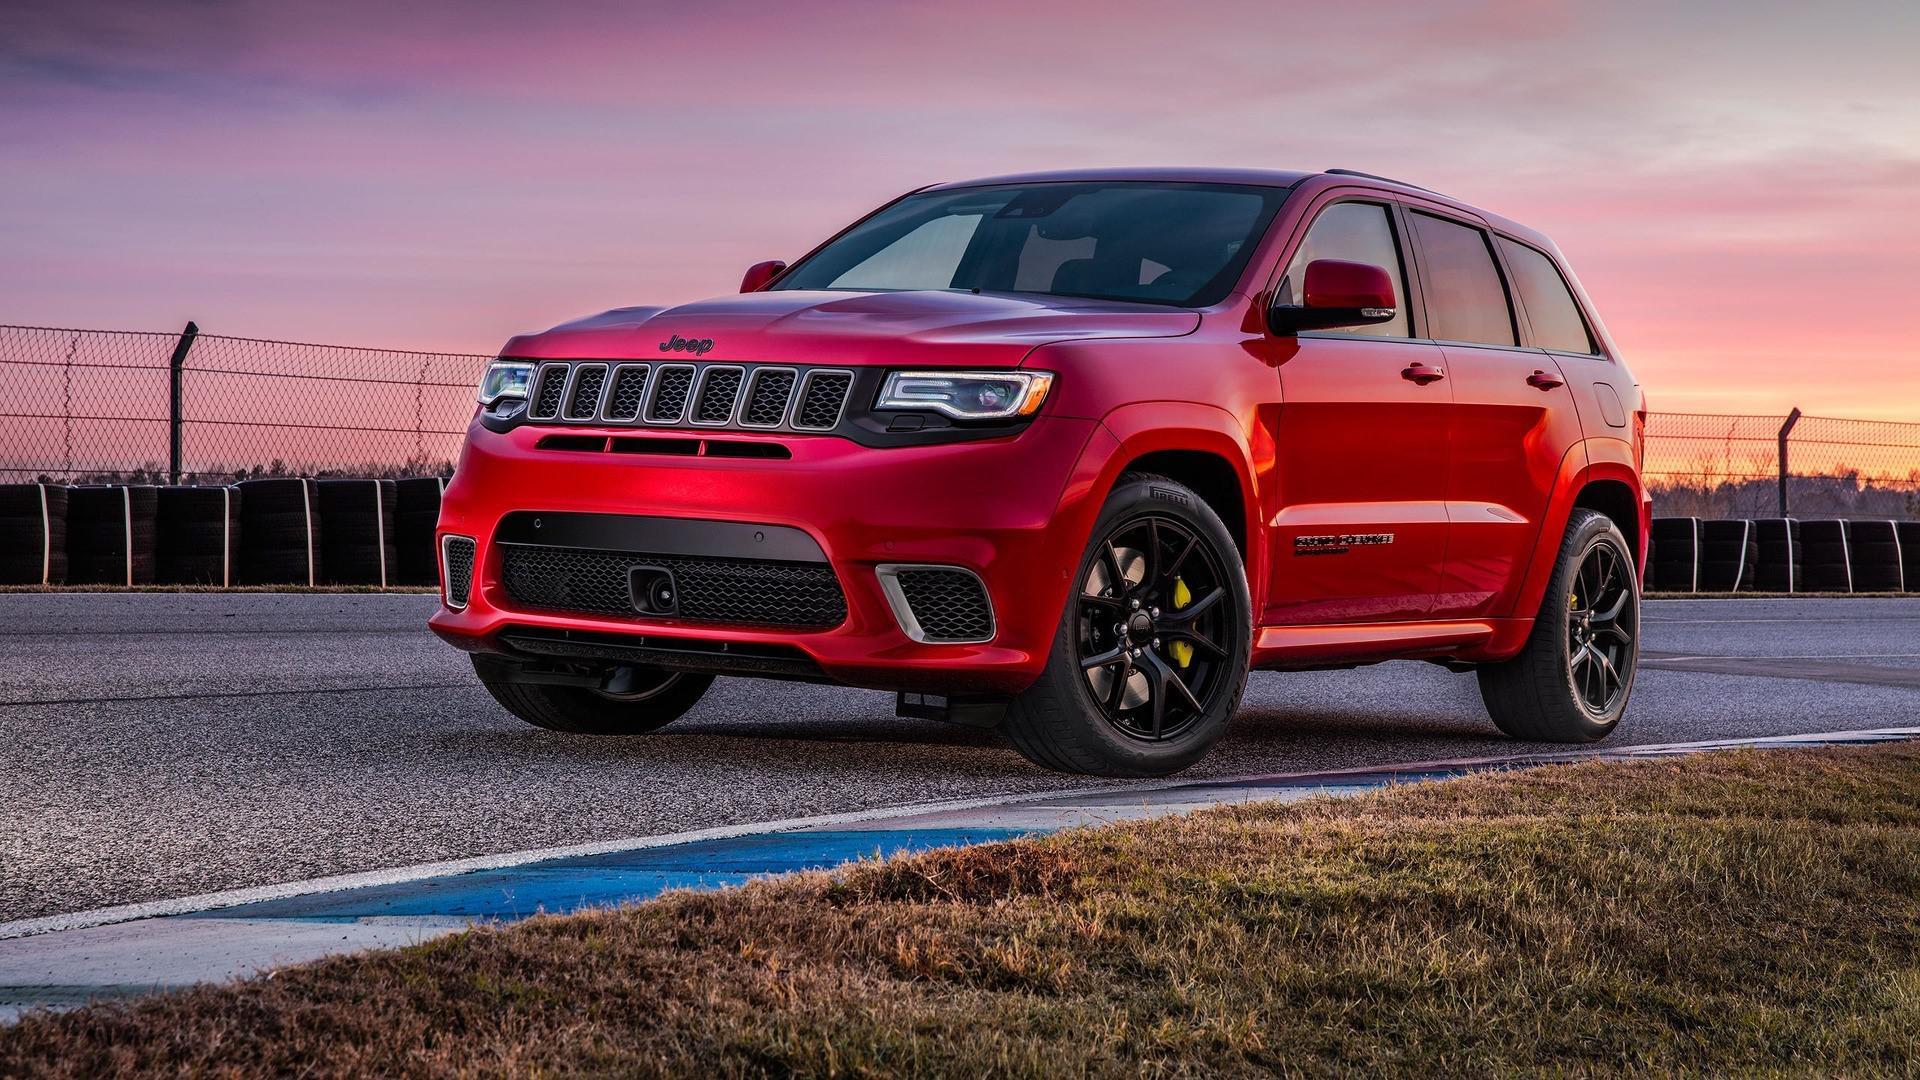 plus-de-1000-ch-pour-le-jeep-grand-cherokee-trackhawk-346-2.jpg